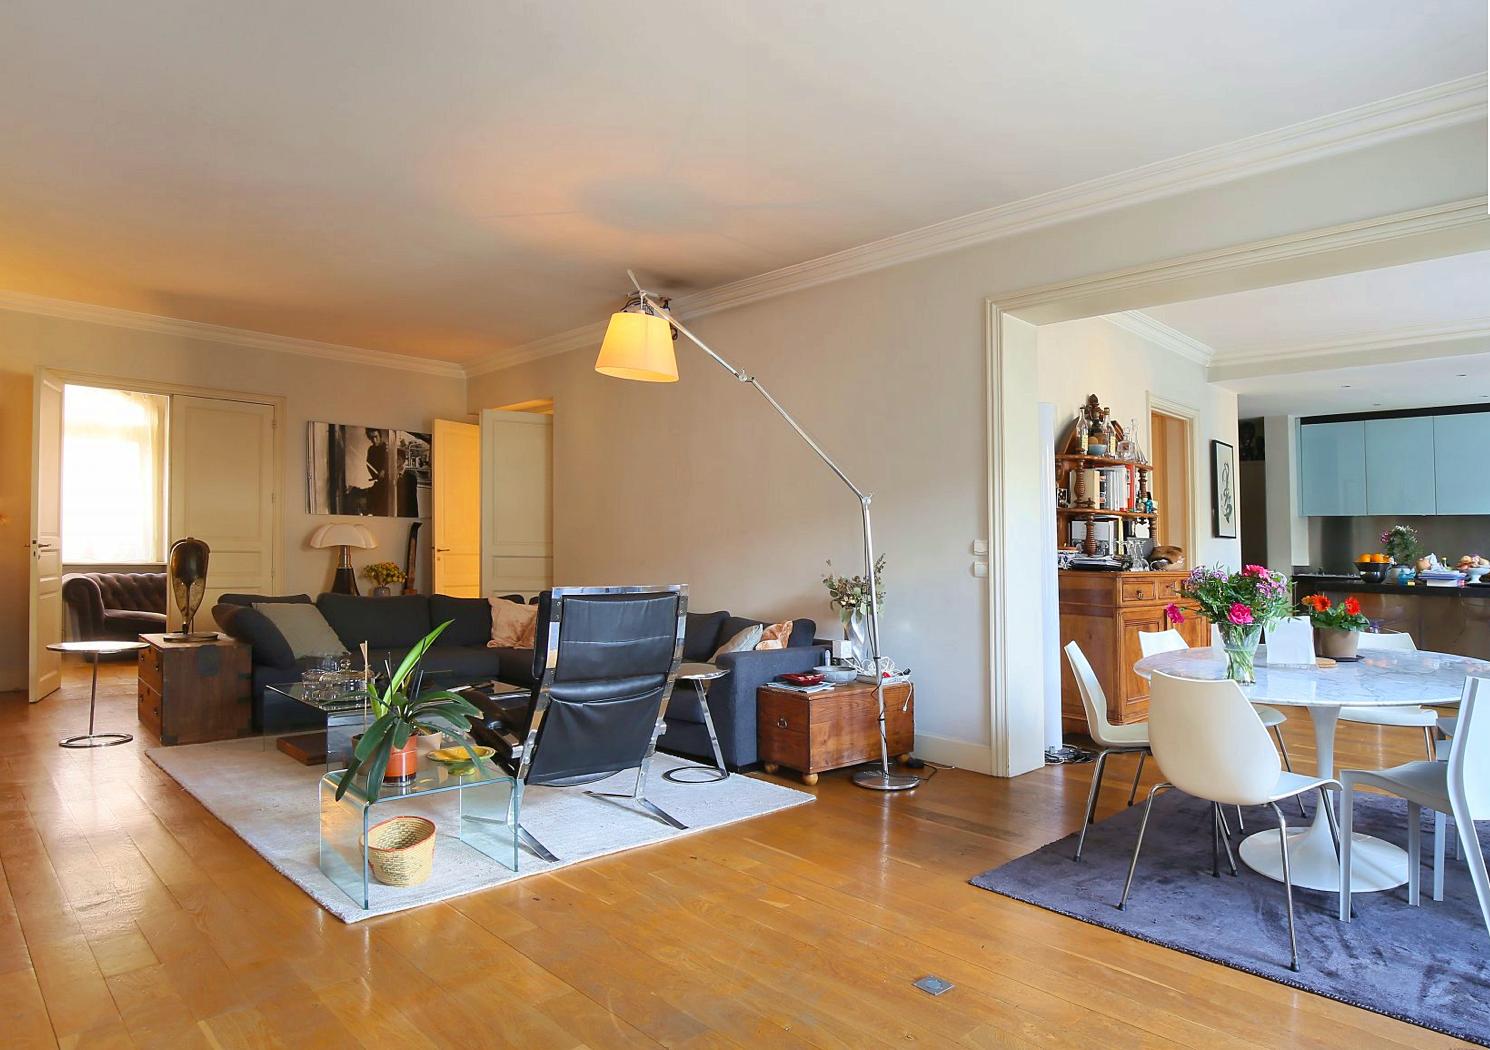 Vends maison 300m² avec jardin dans le quartier du Busca - 6chambres